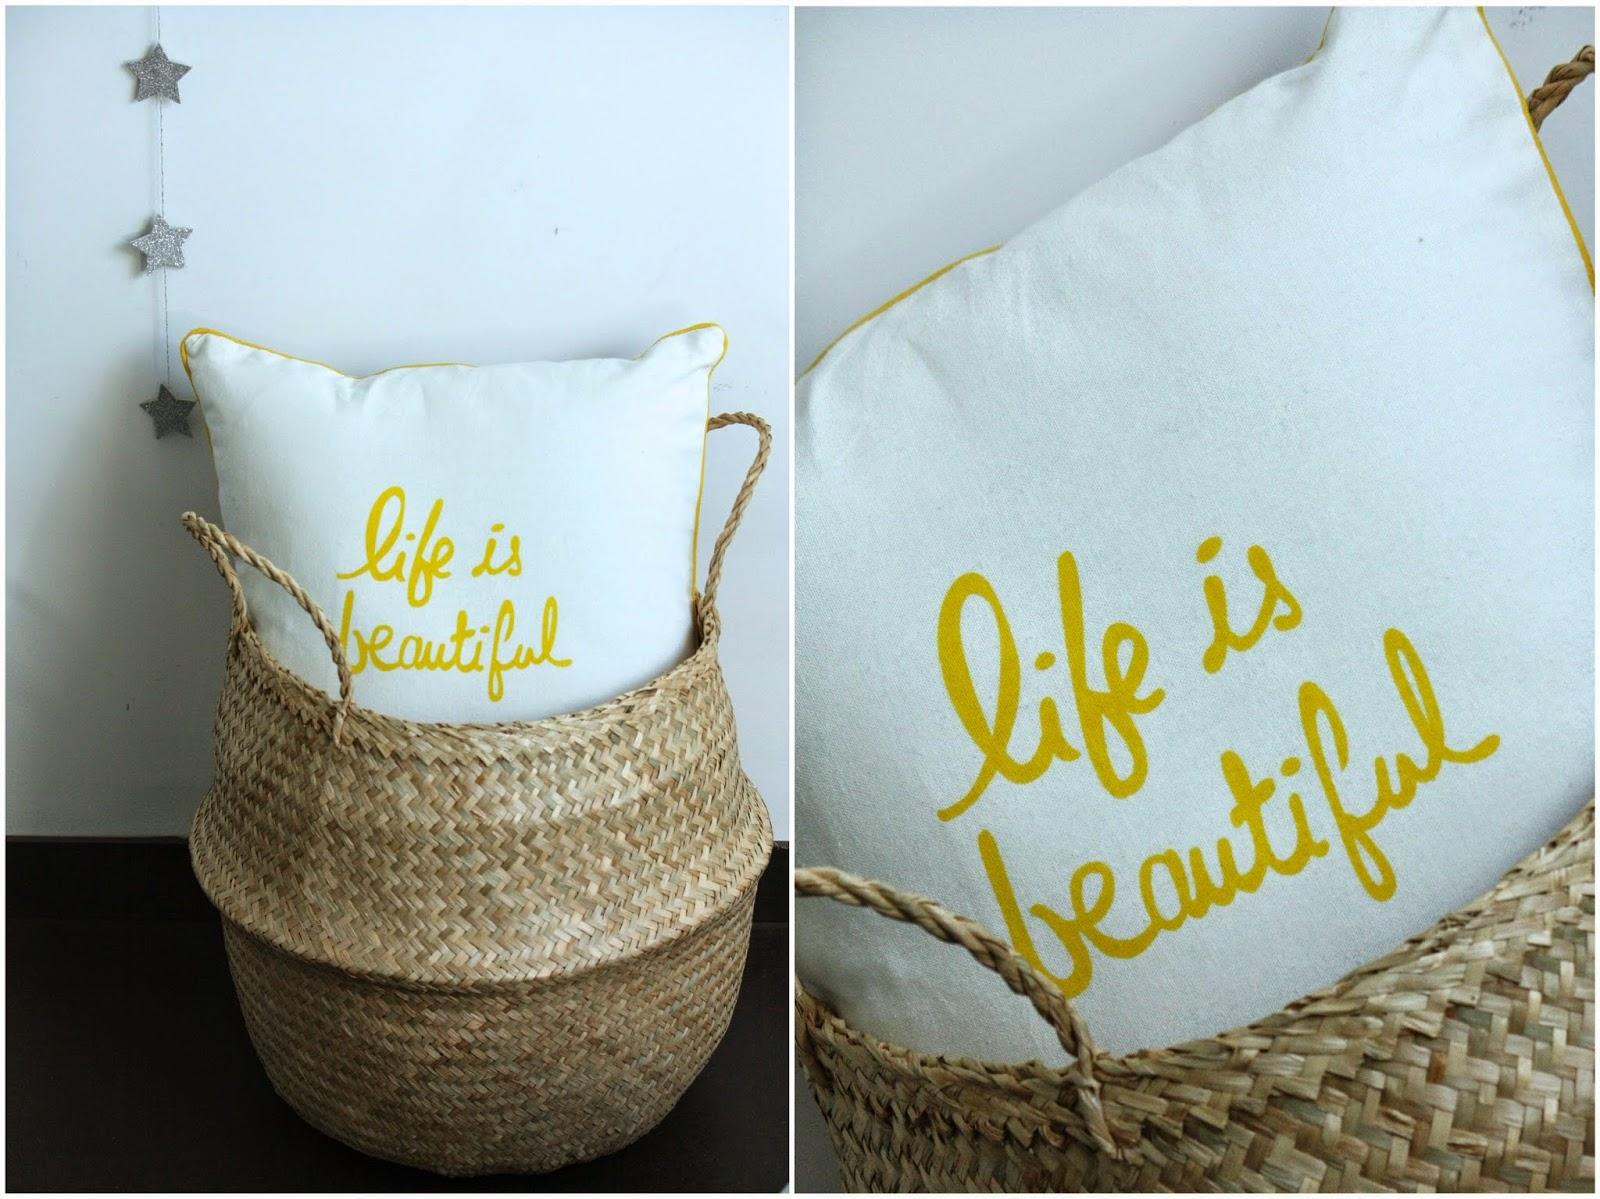 un nouveau regard des coussins d co avec des citations sympas. Black Bedroom Furniture Sets. Home Design Ideas